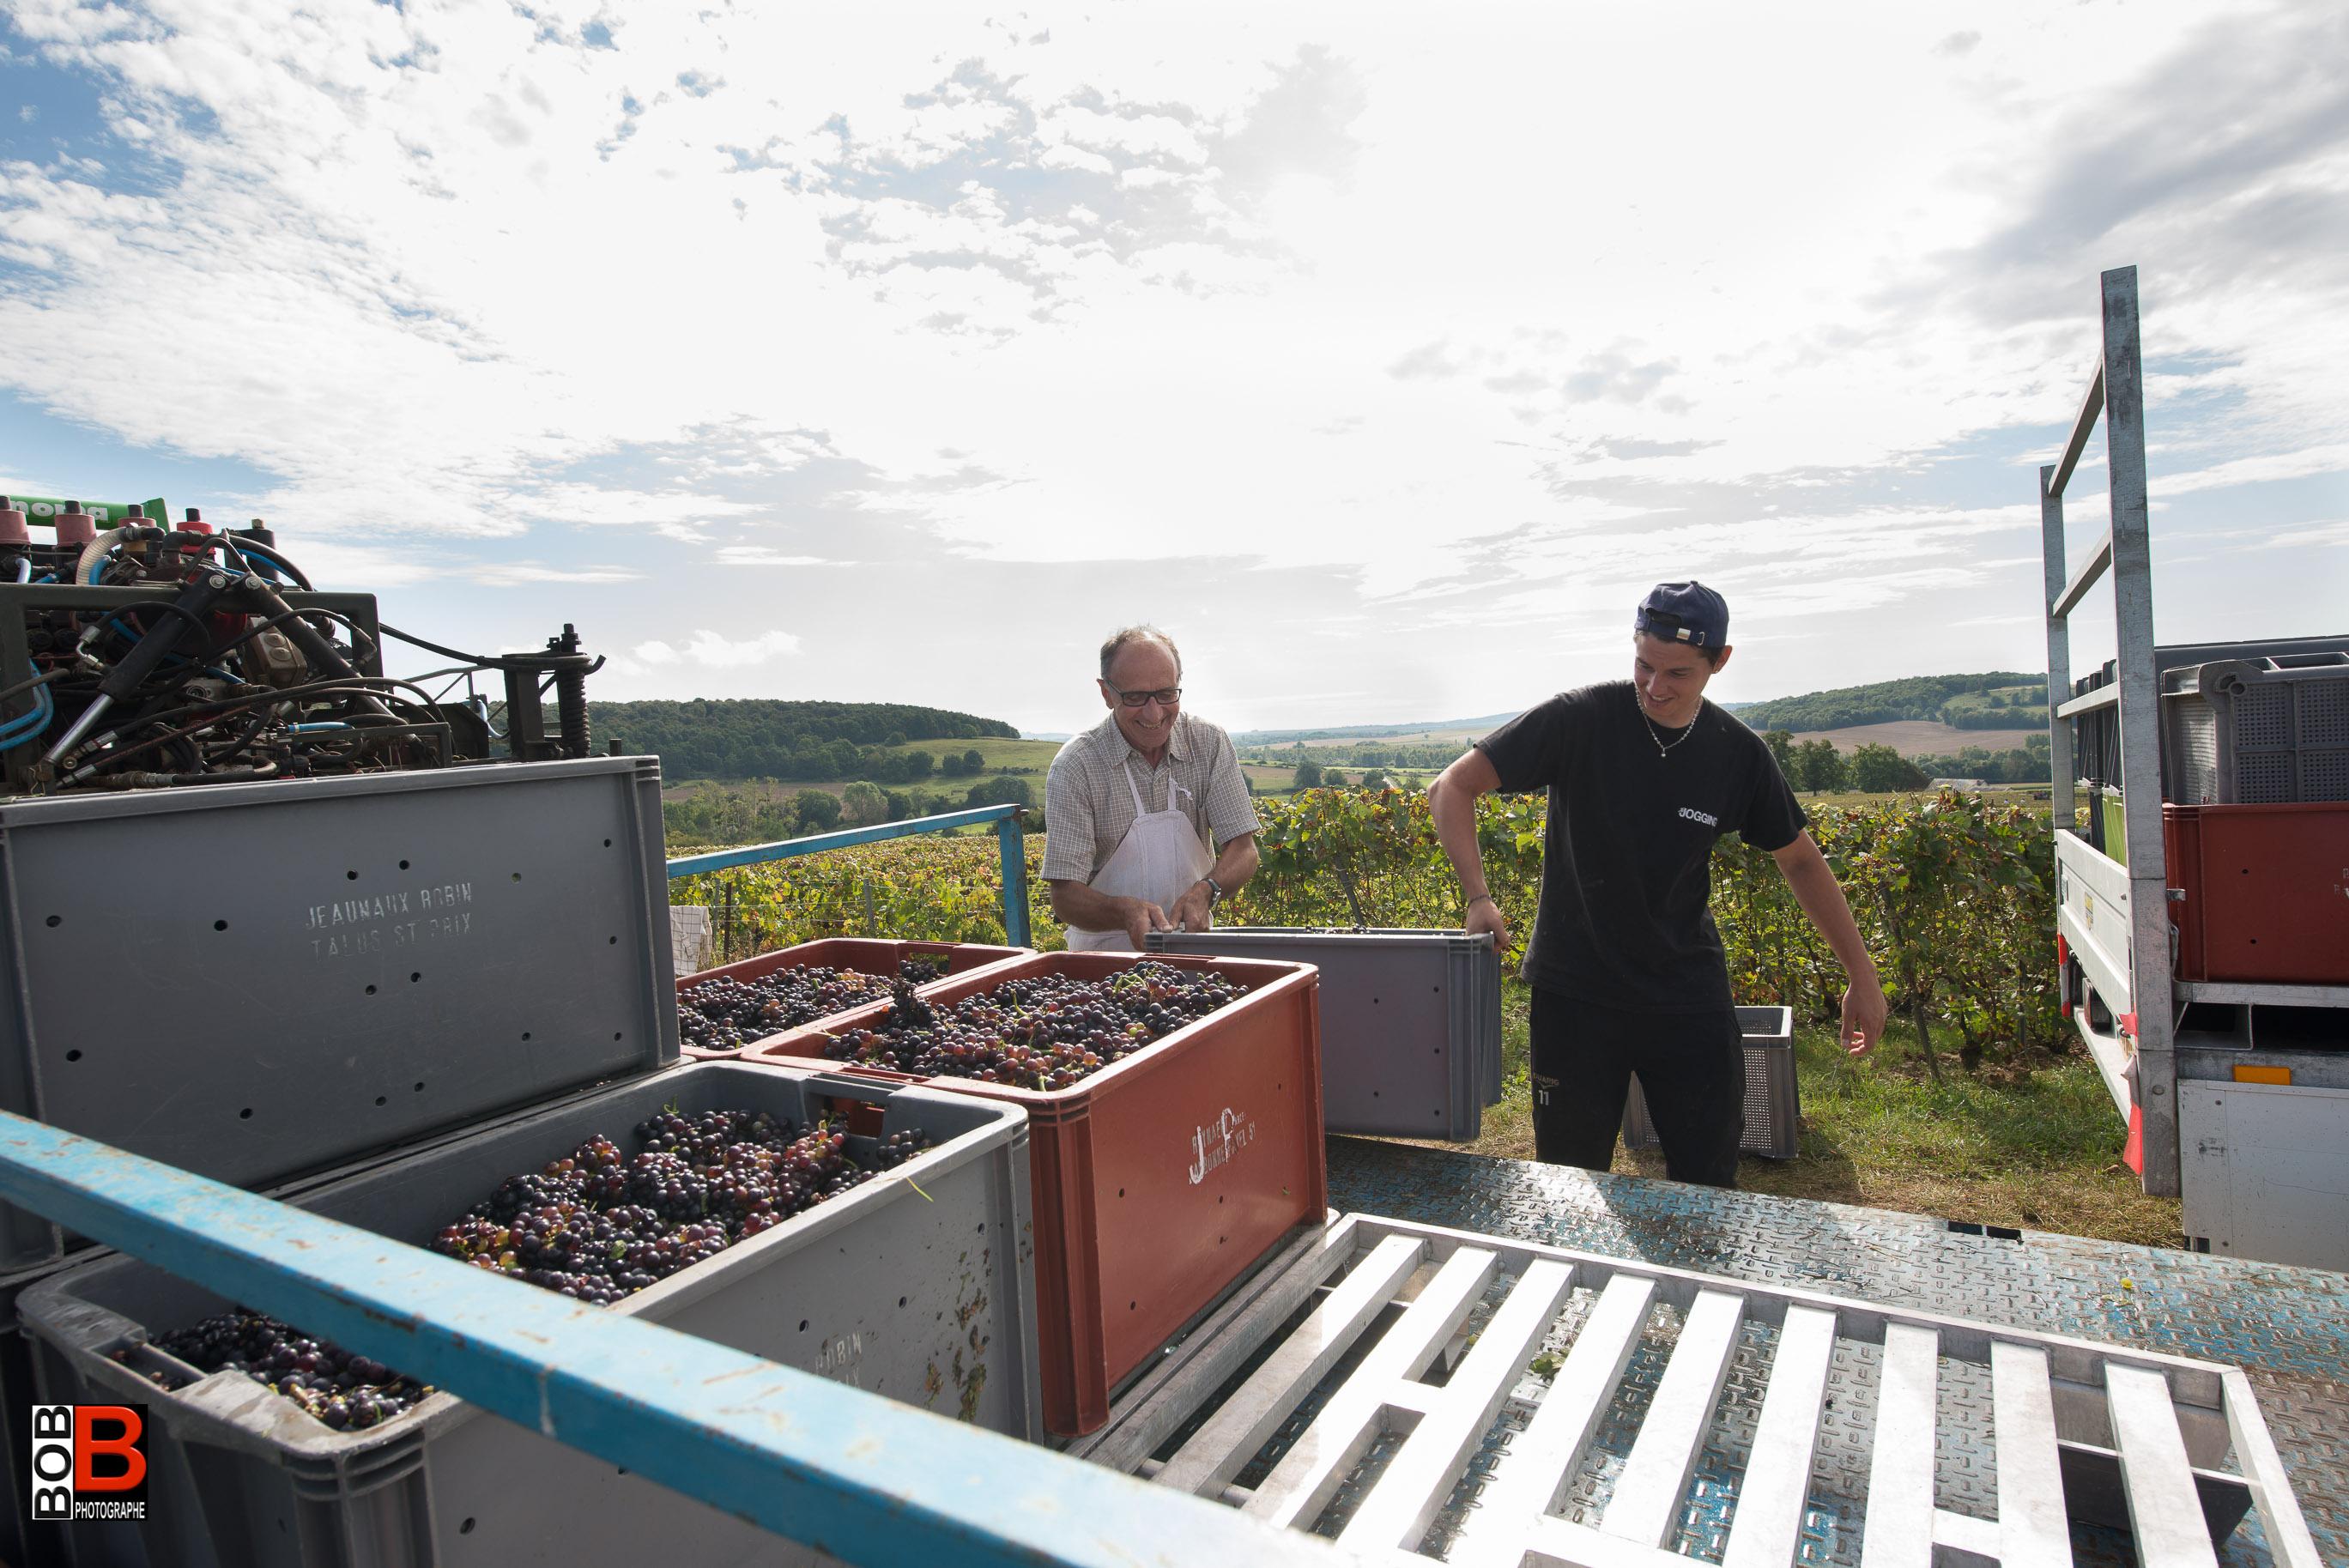 Chargement des caisses à la vigne